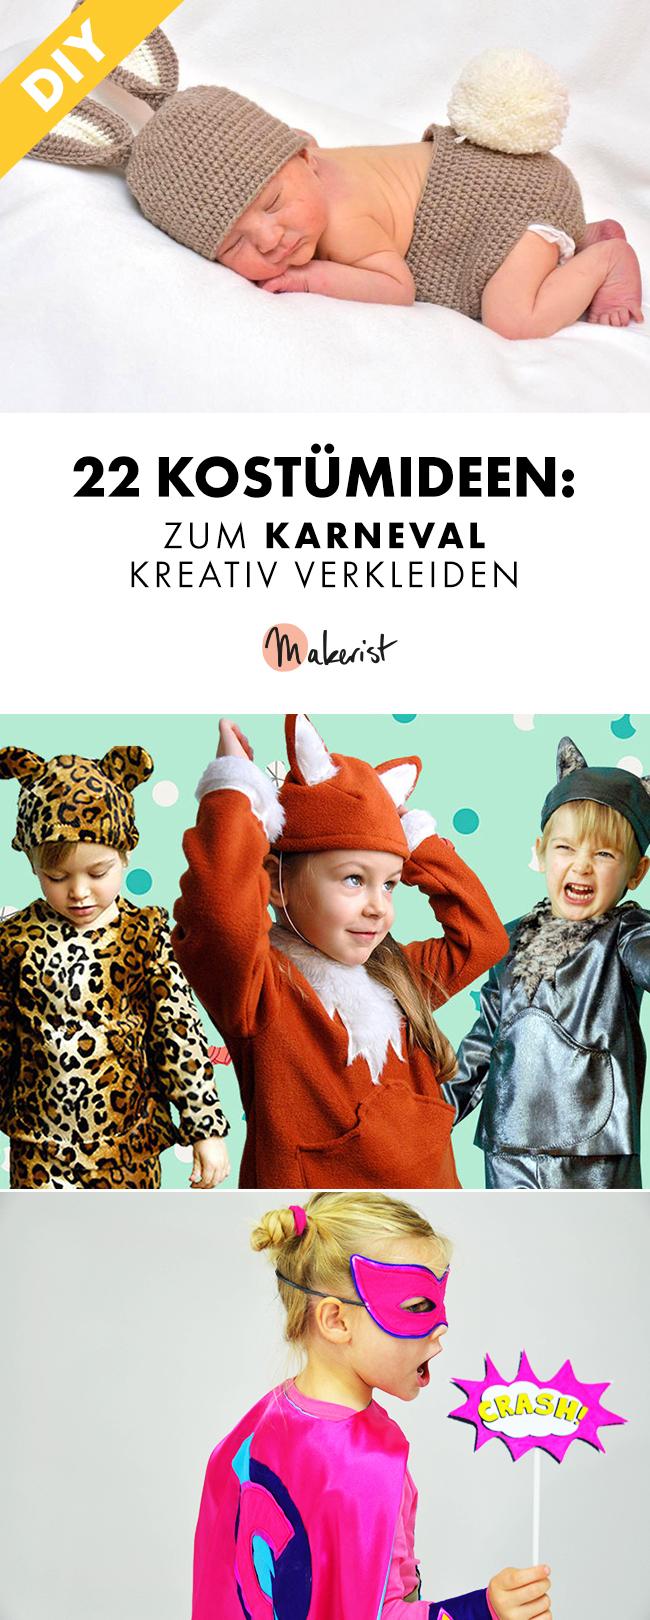 Makerist-22-Kostümideen-Zum-Karneval-kreativ-verkleiden-Pinterest-5